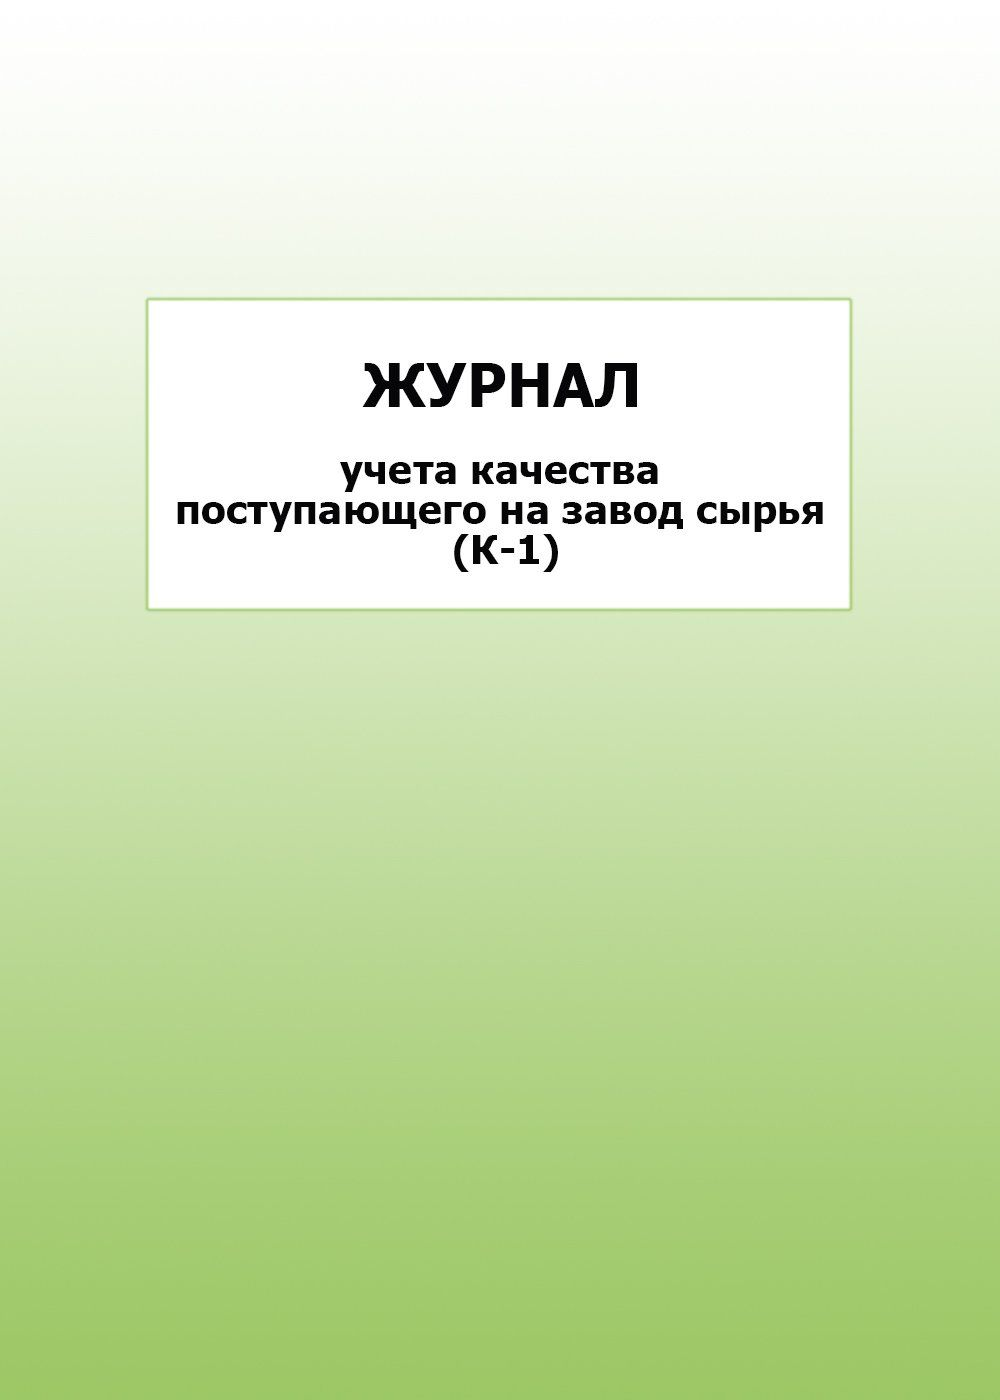 Журнал учета качества поступающего на завод сырья (К-1): упаковка 100 шт.